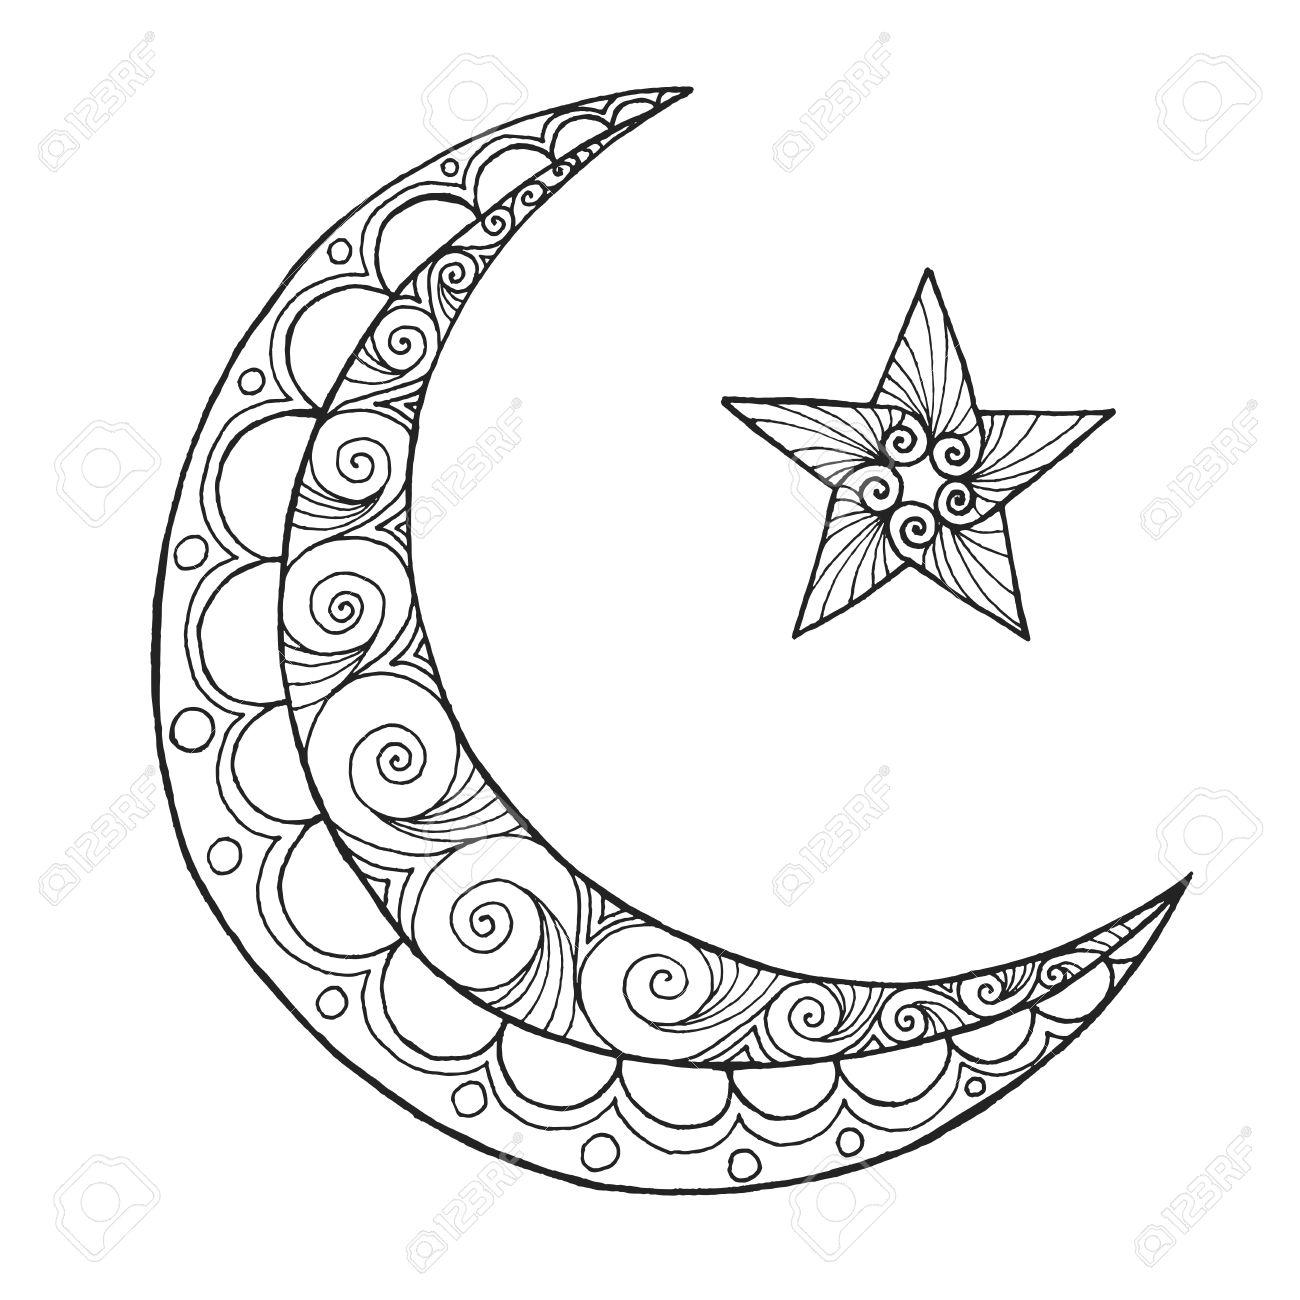 ramadan kareem half moon greeting design coloring page engraved